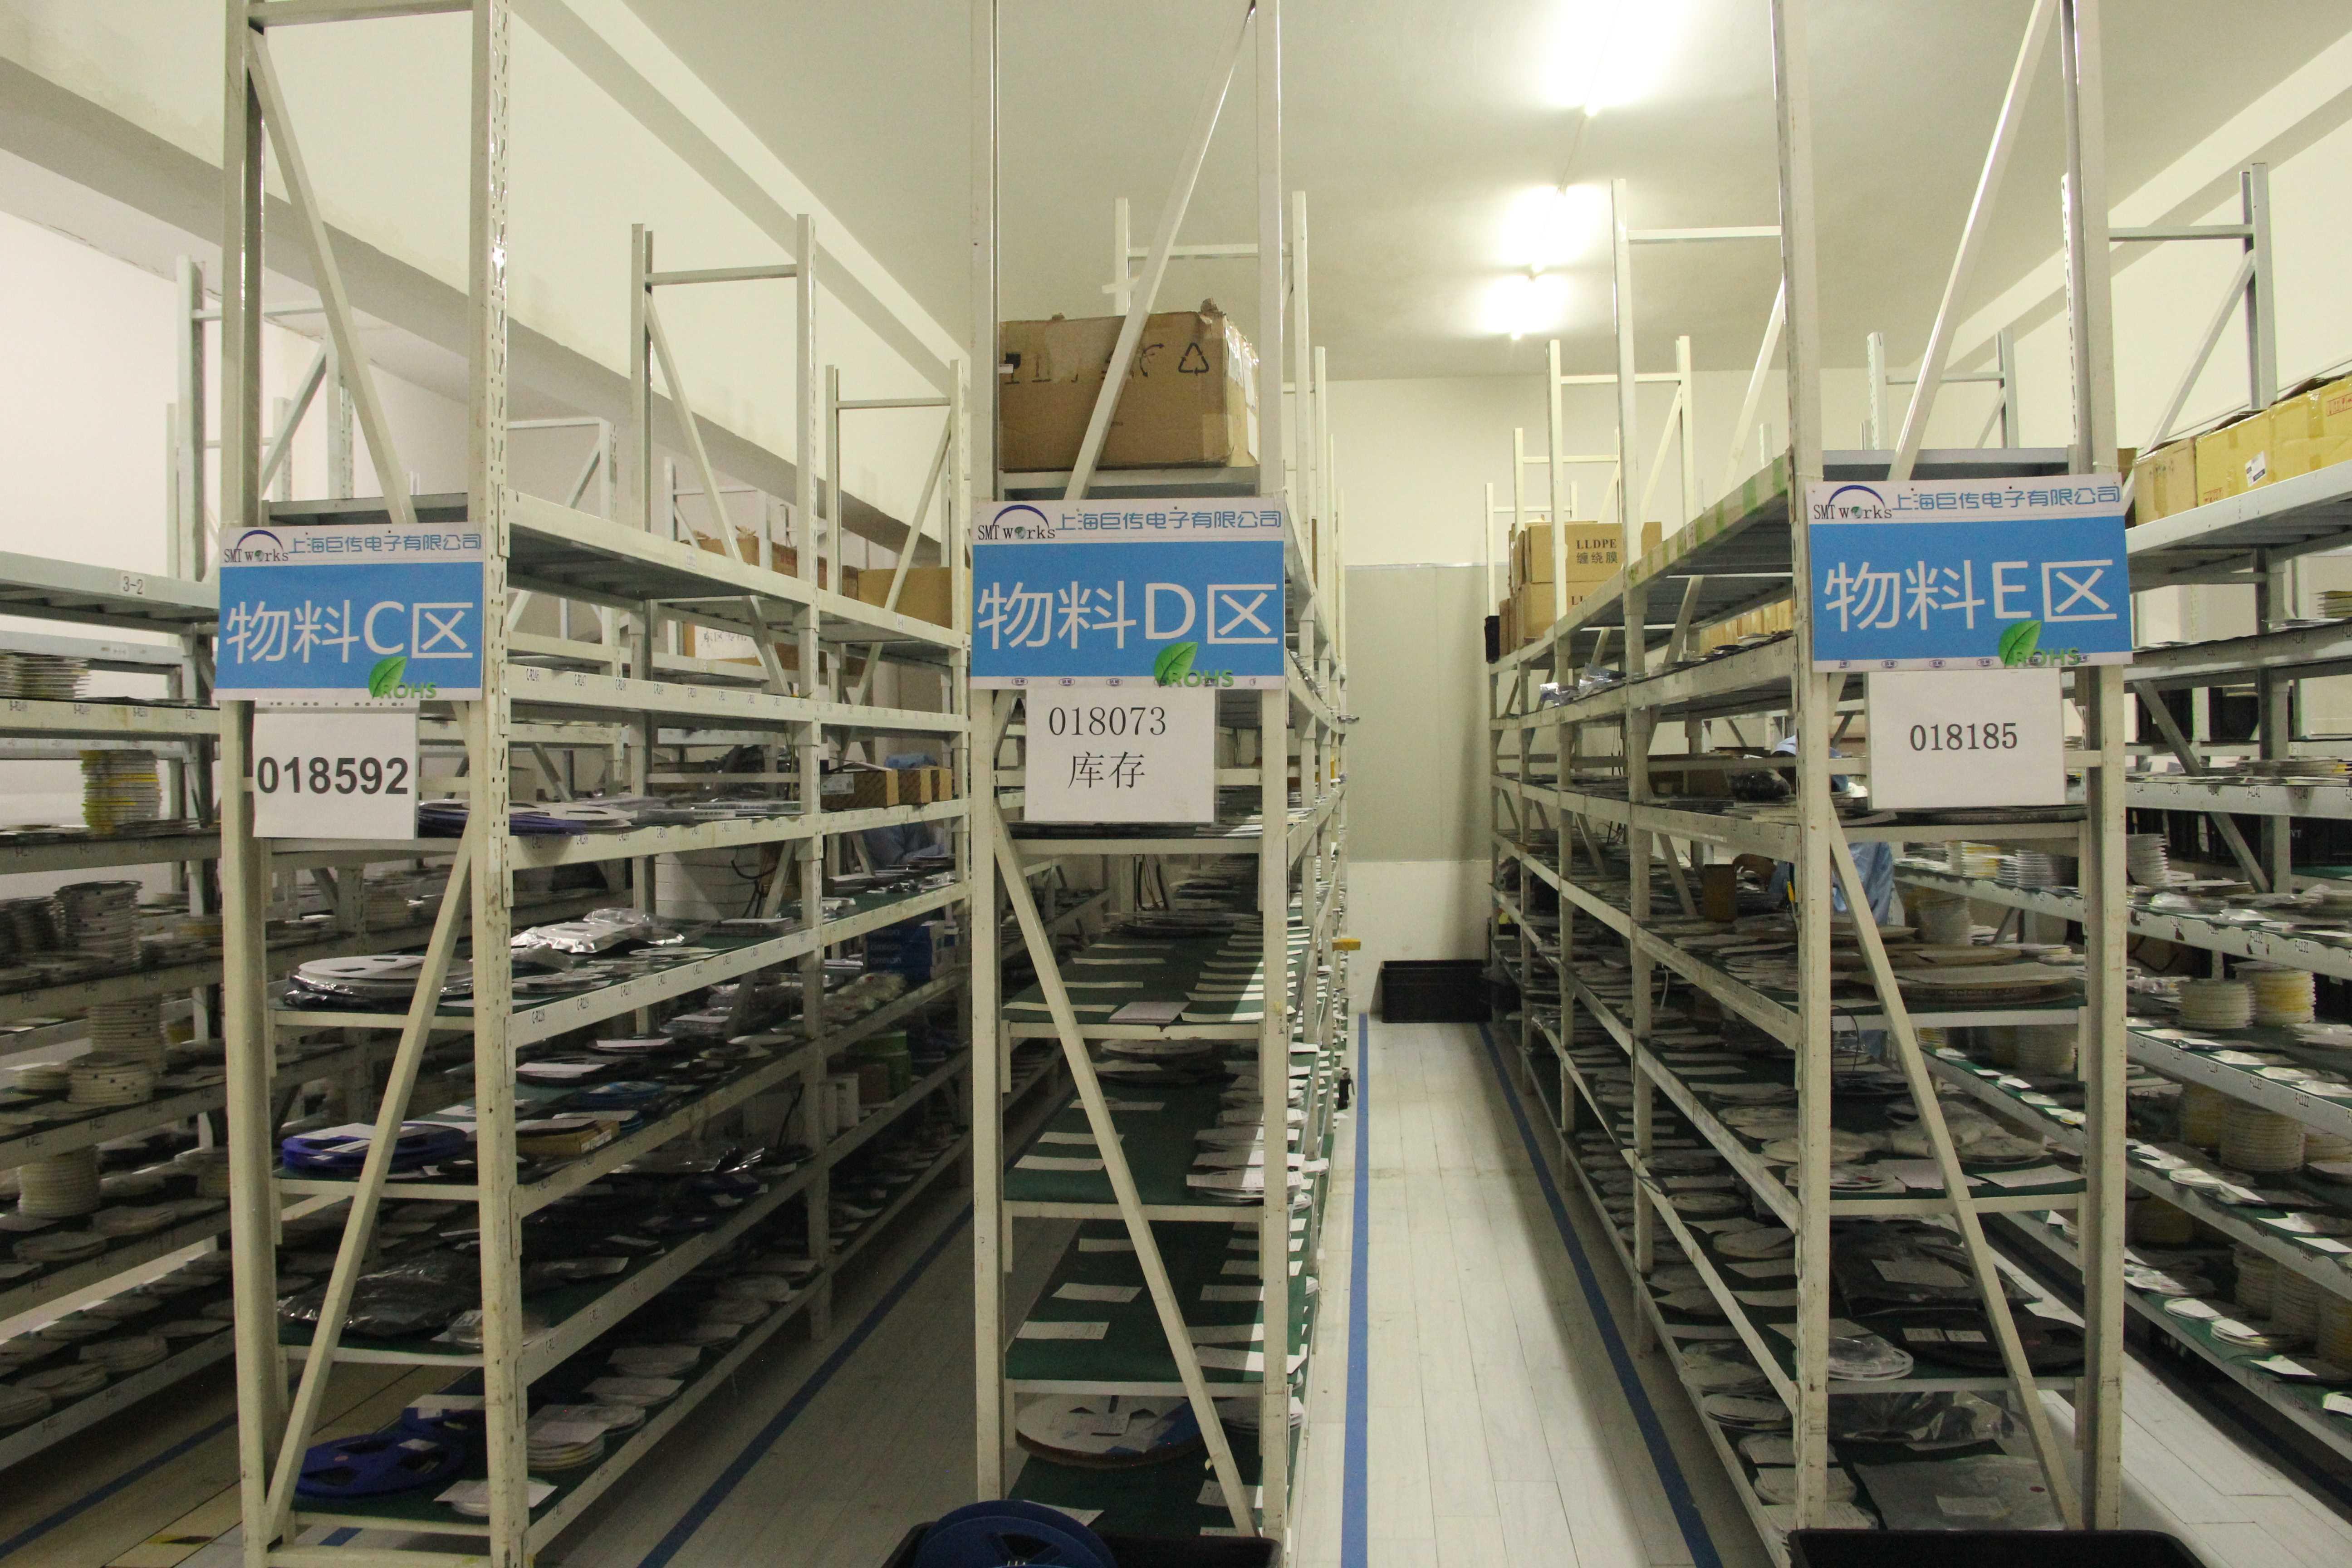 上海巨傳電子阻容倉庫3